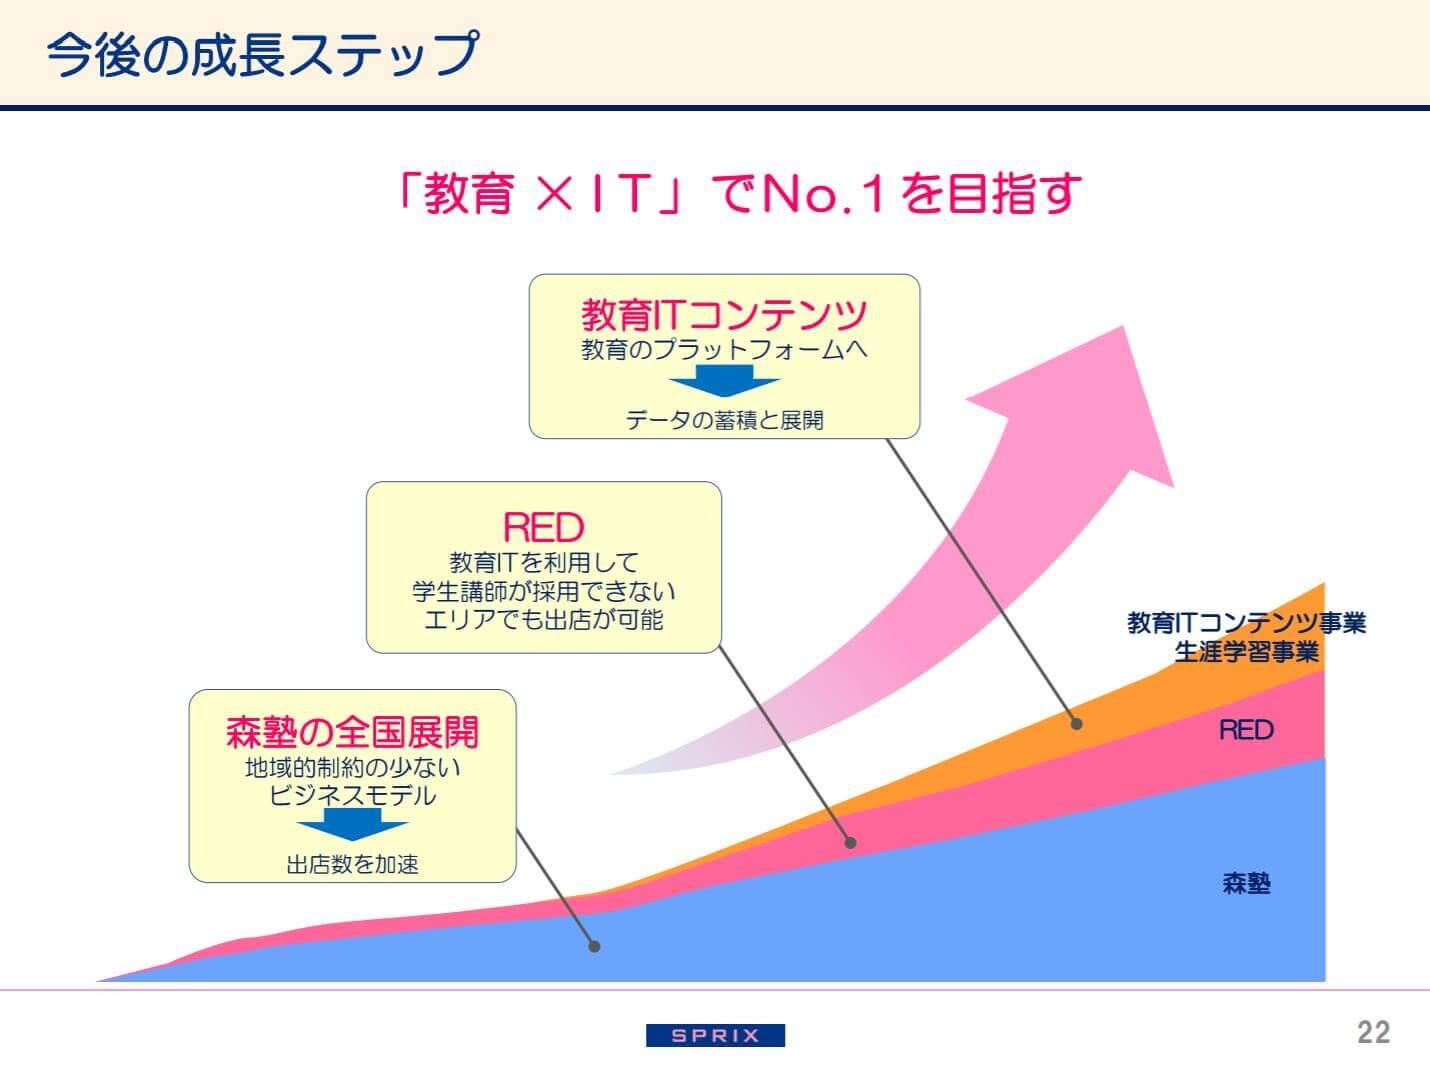 スプリックスの2018年9月期決算説明会資料(今後の成長戦略)